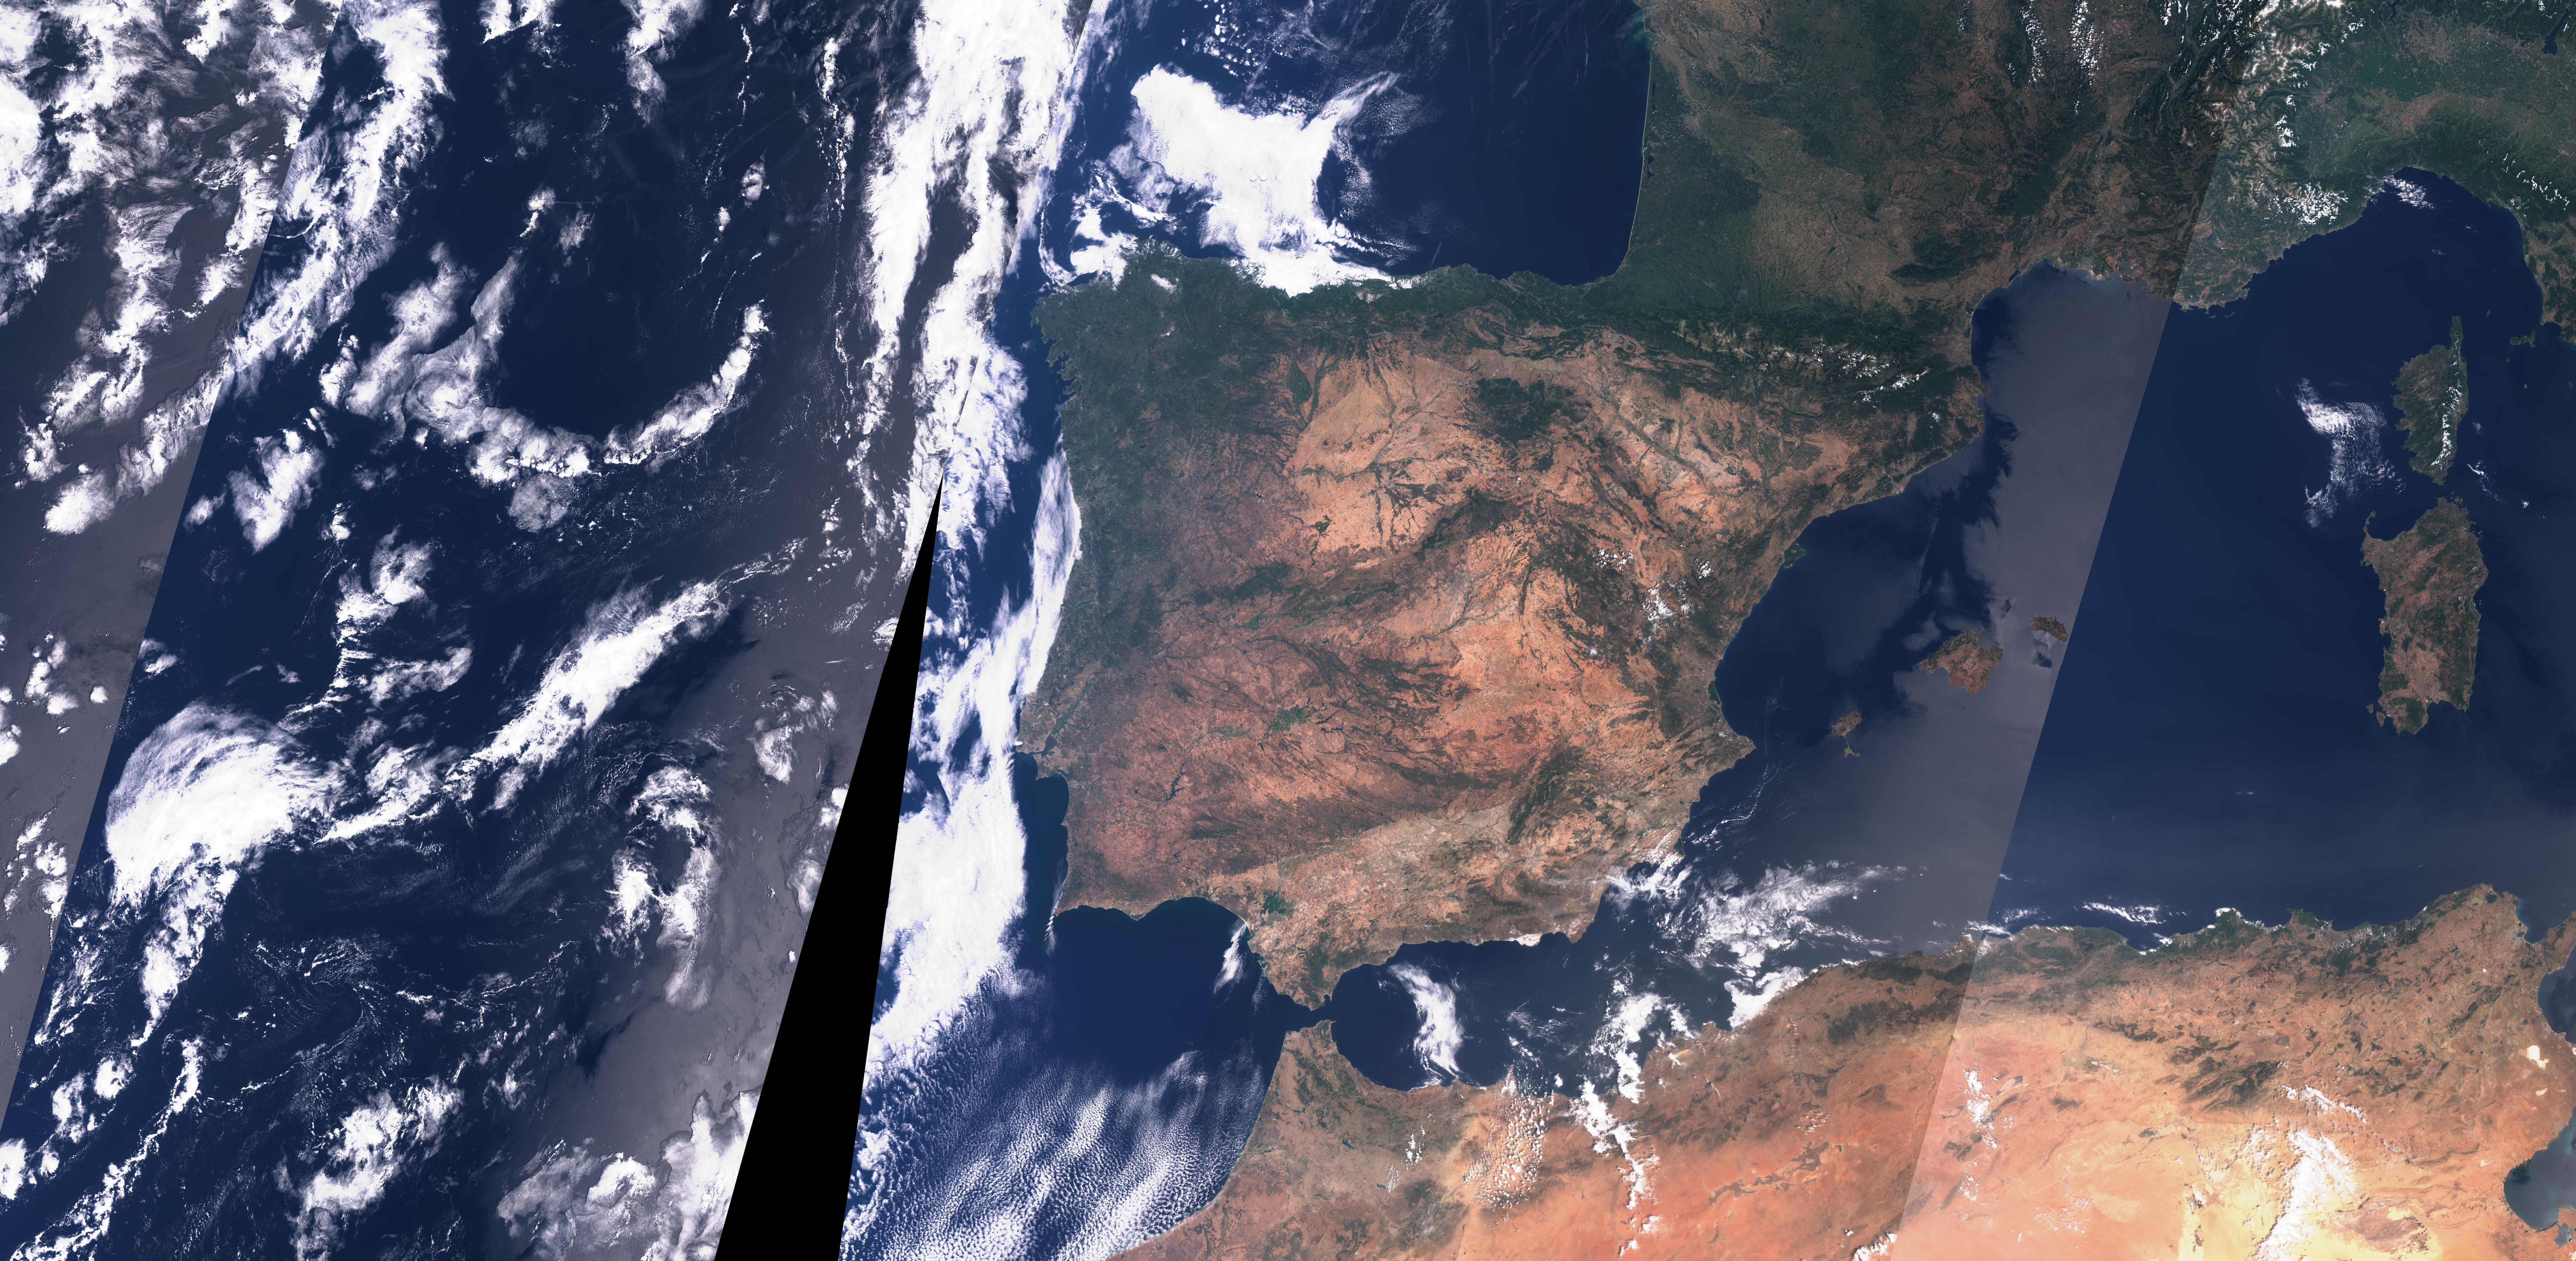 imagen de Imagen de la Península Ibérica captada por el satélite Sentinel-3 de la ESA a 300 metros de resolución espacial./ ISABEL CABALLERO